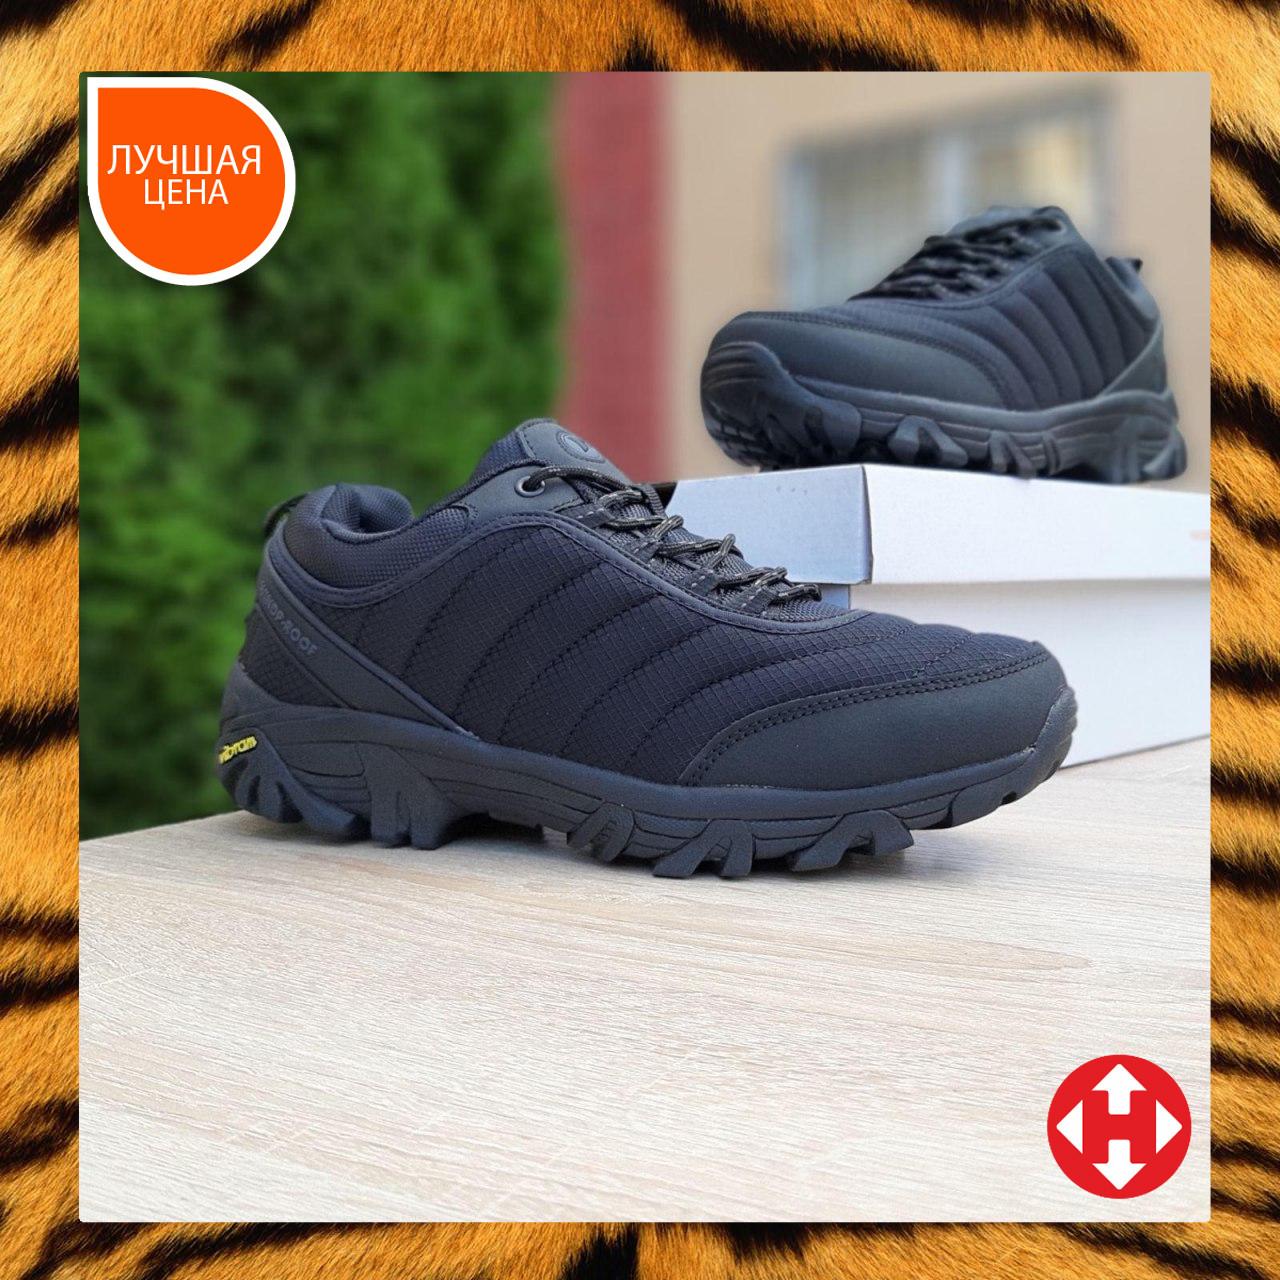 🔥 Зимние кроссовки ботинки мужские Merrell Vibram Чёрный нейлон/мех